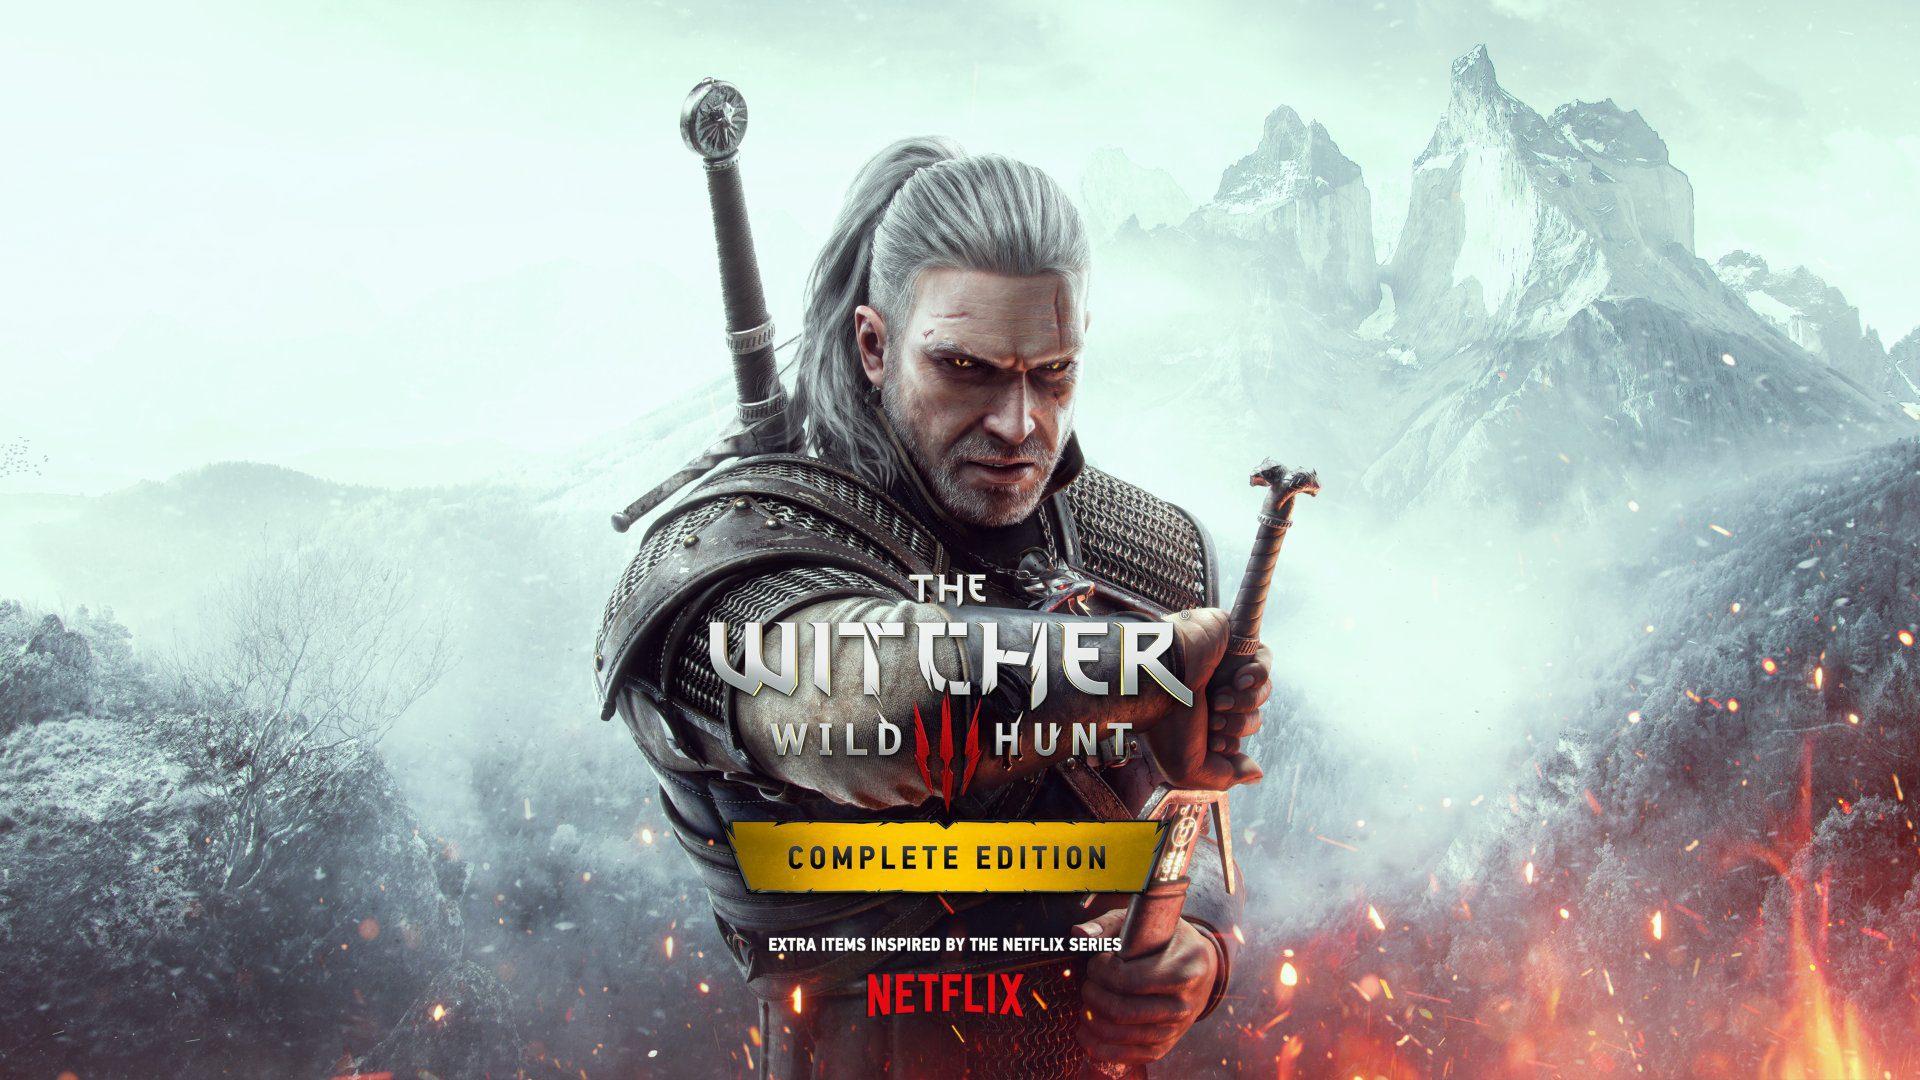 The Witcher 3 Next Gen Update